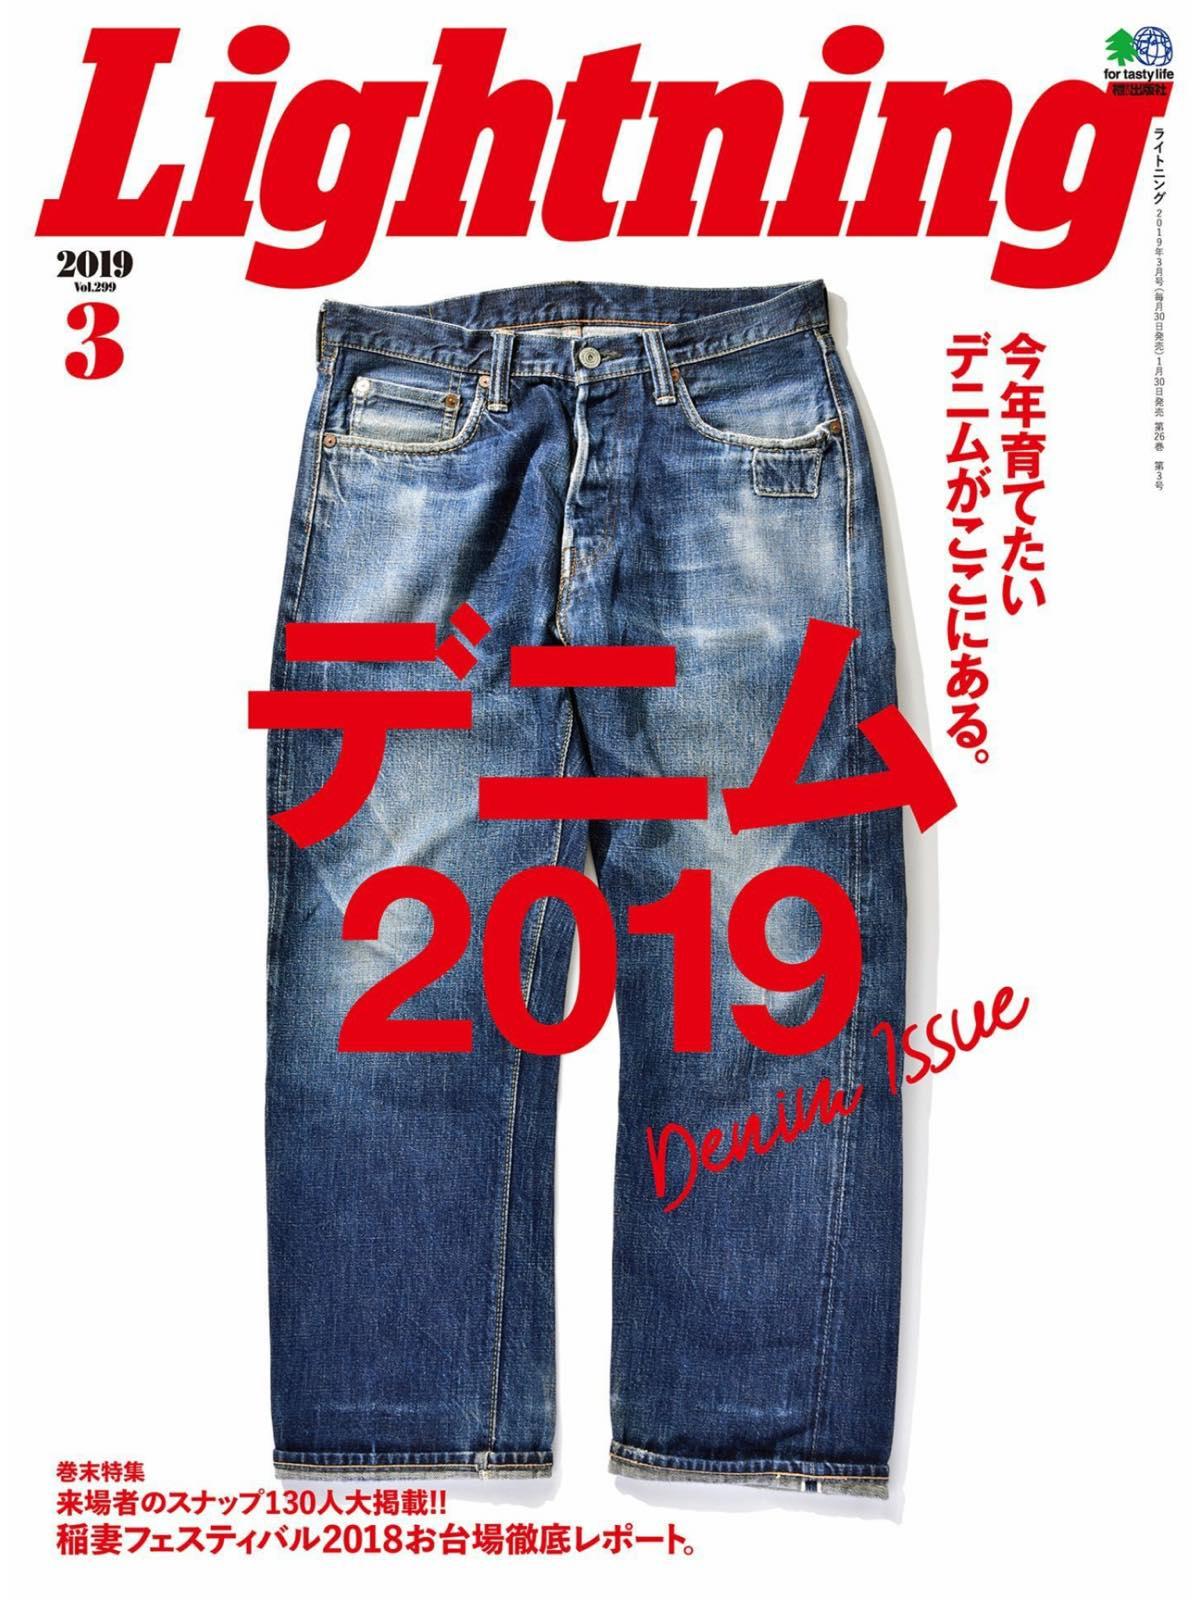 ライトニング2019年3月号 vol.299